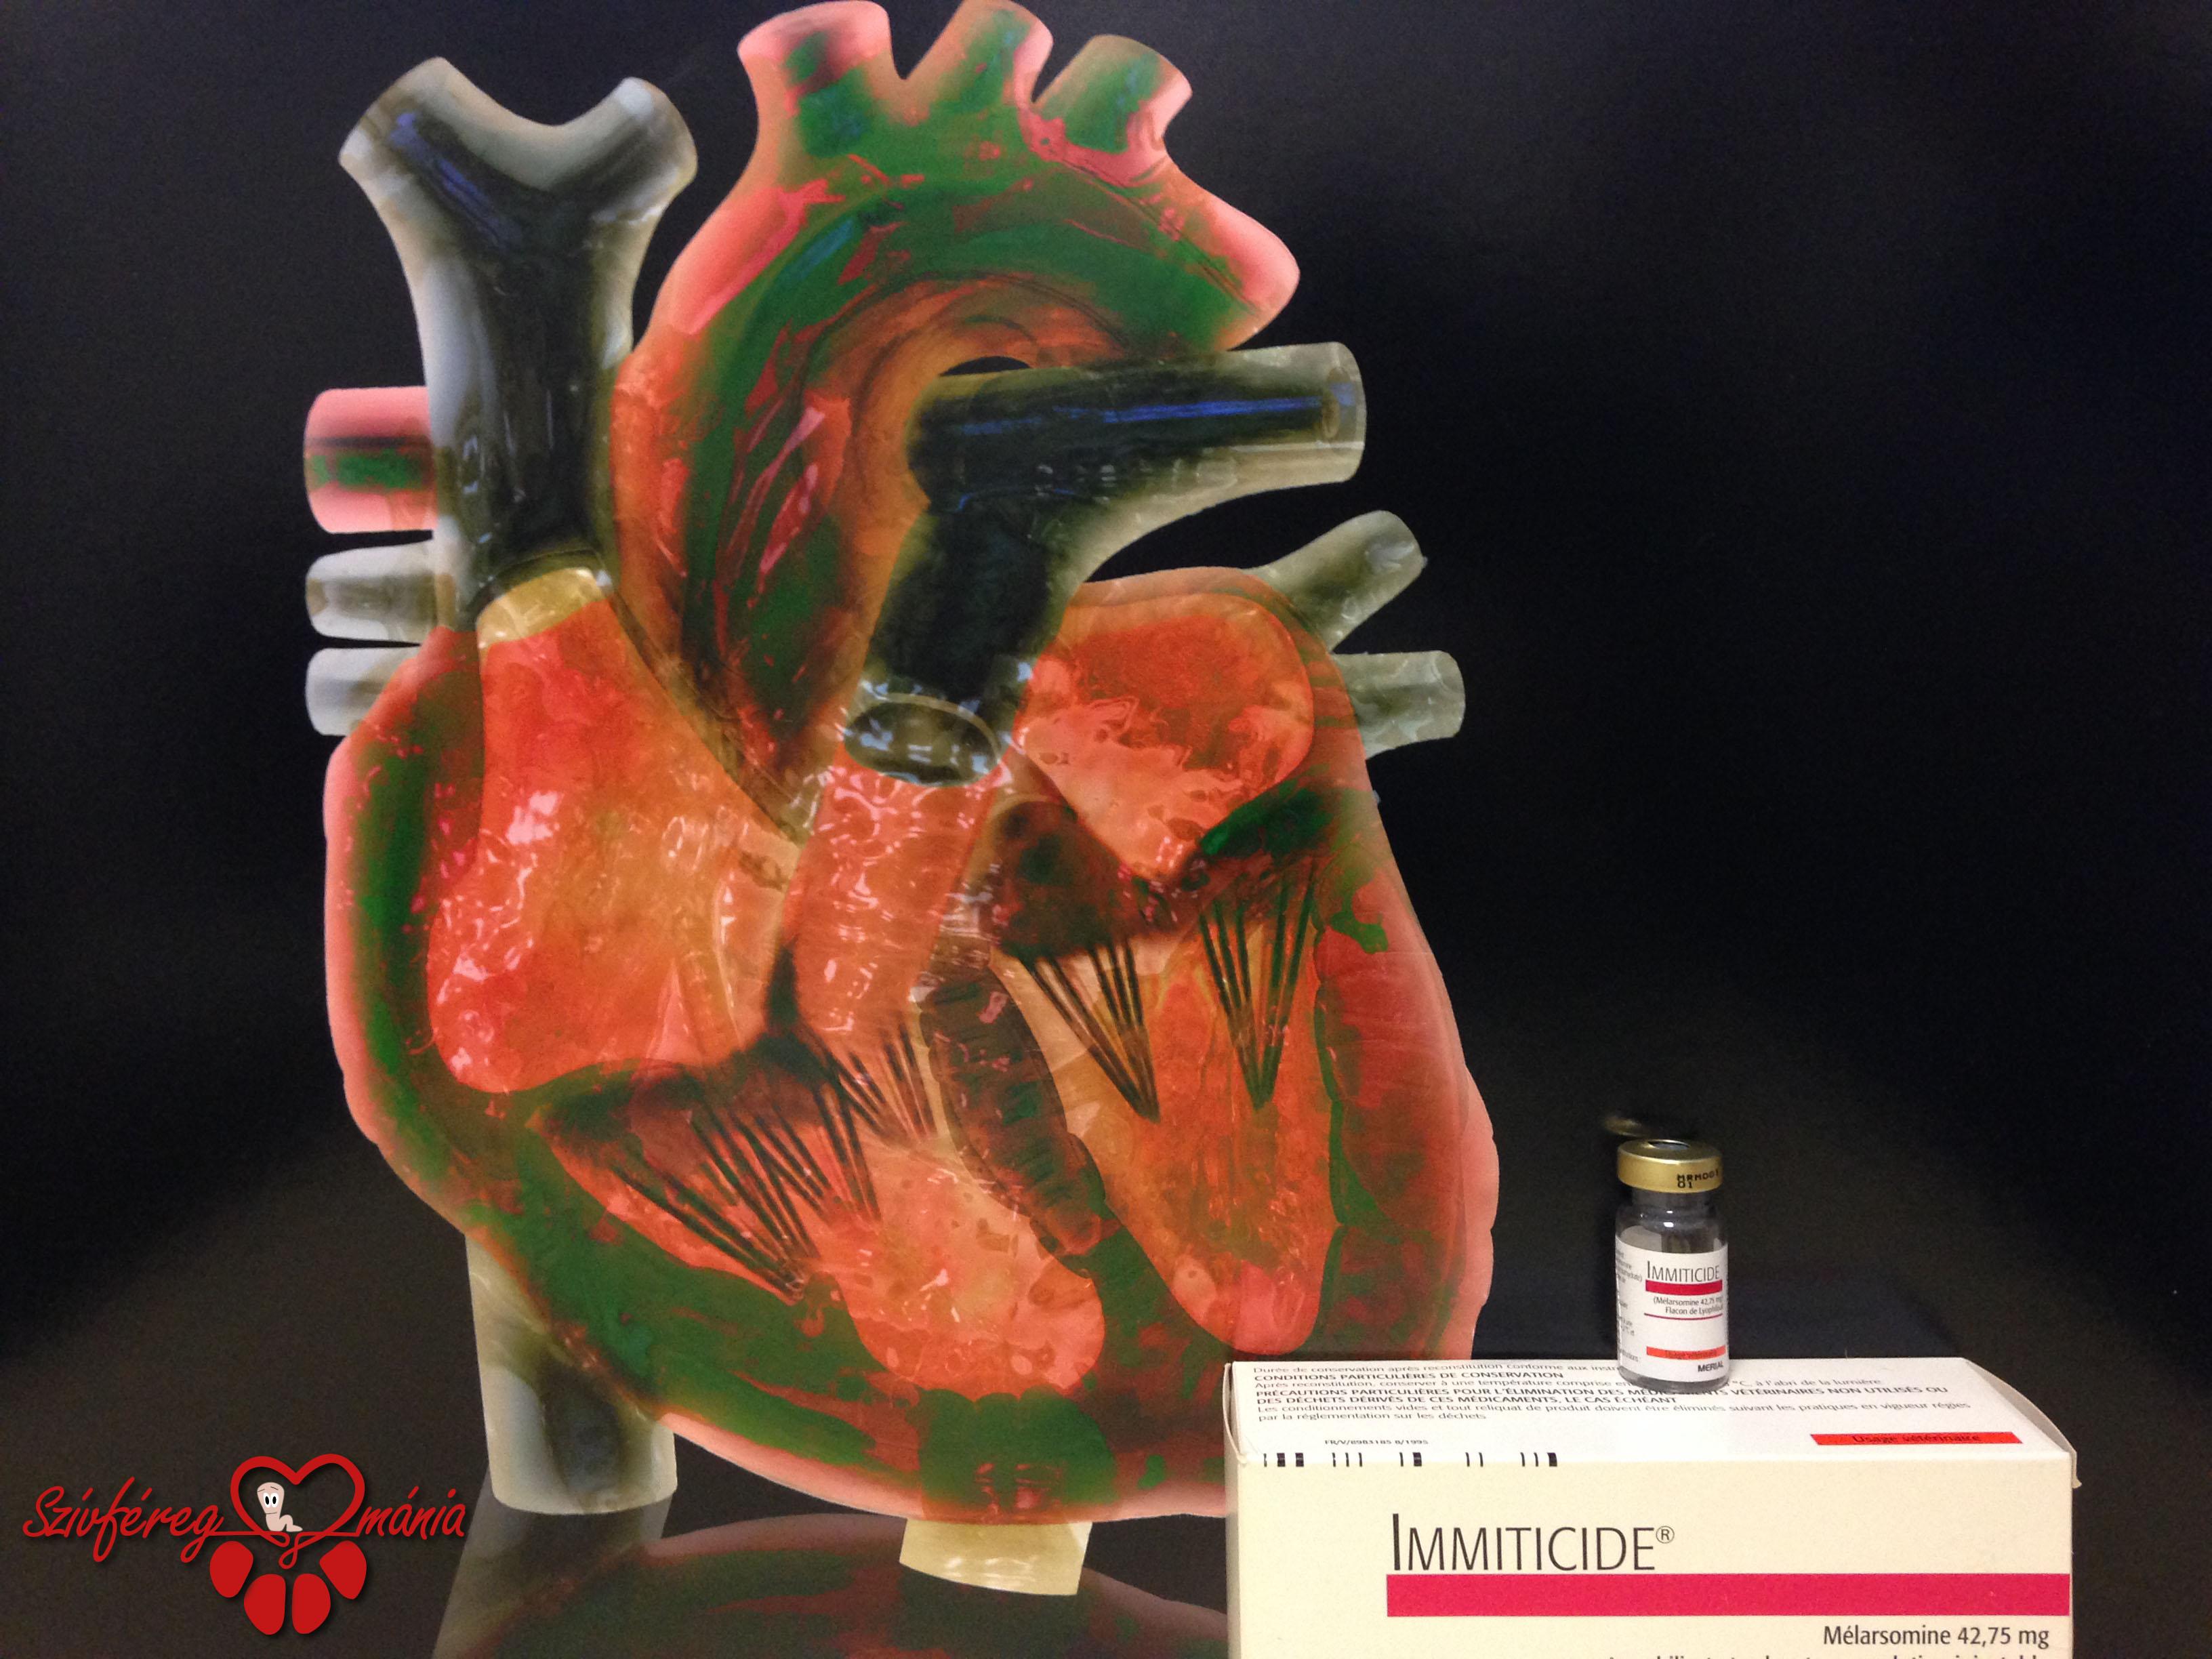 Mindent a szívférgességről